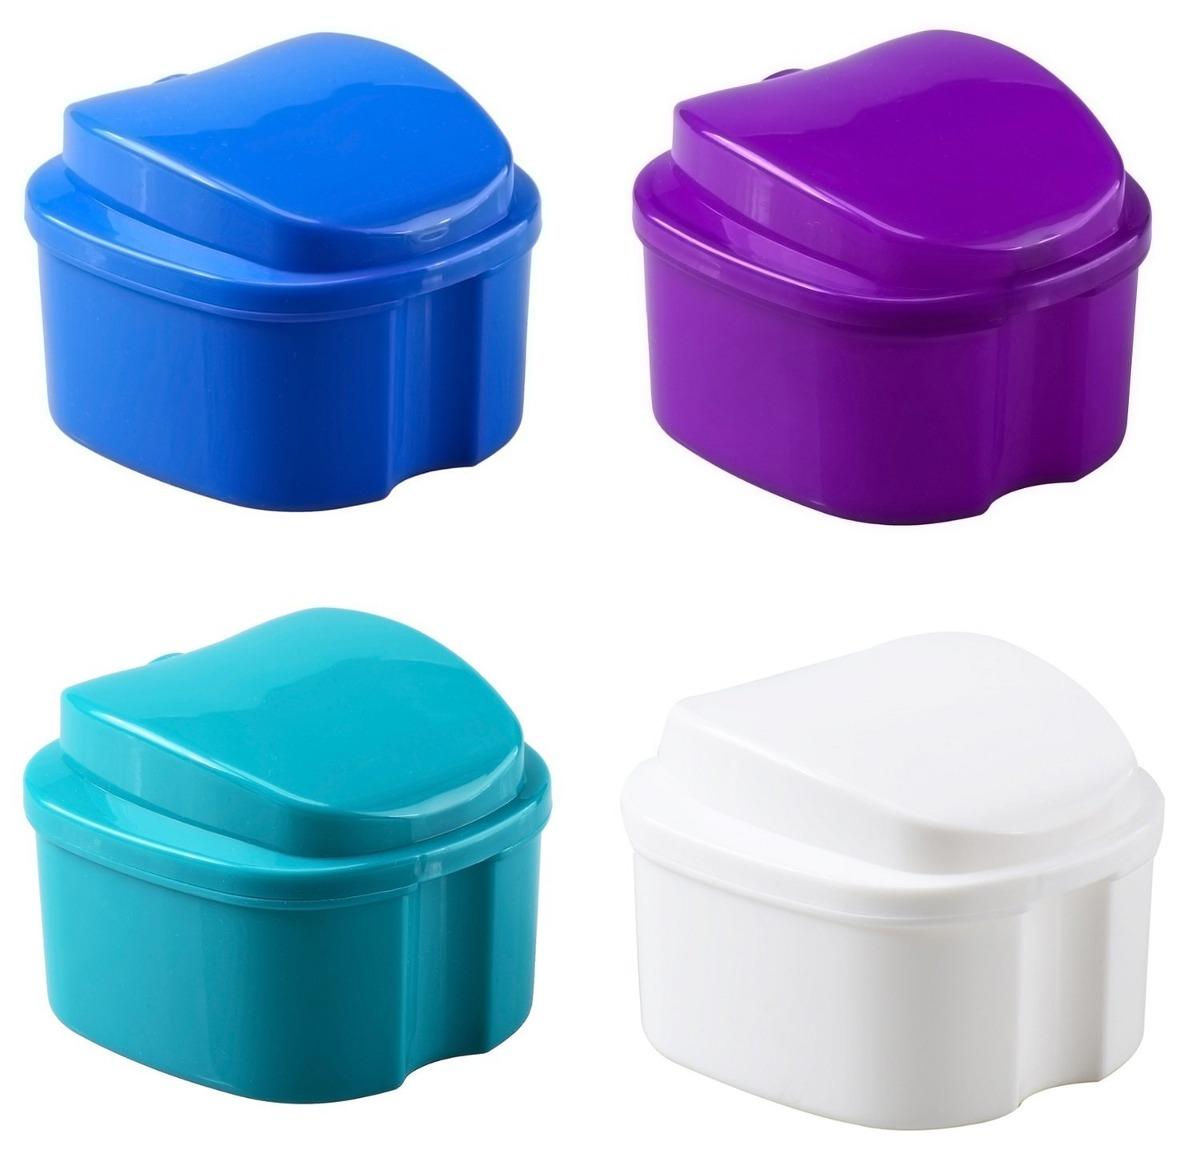 Разновидности контейнеров